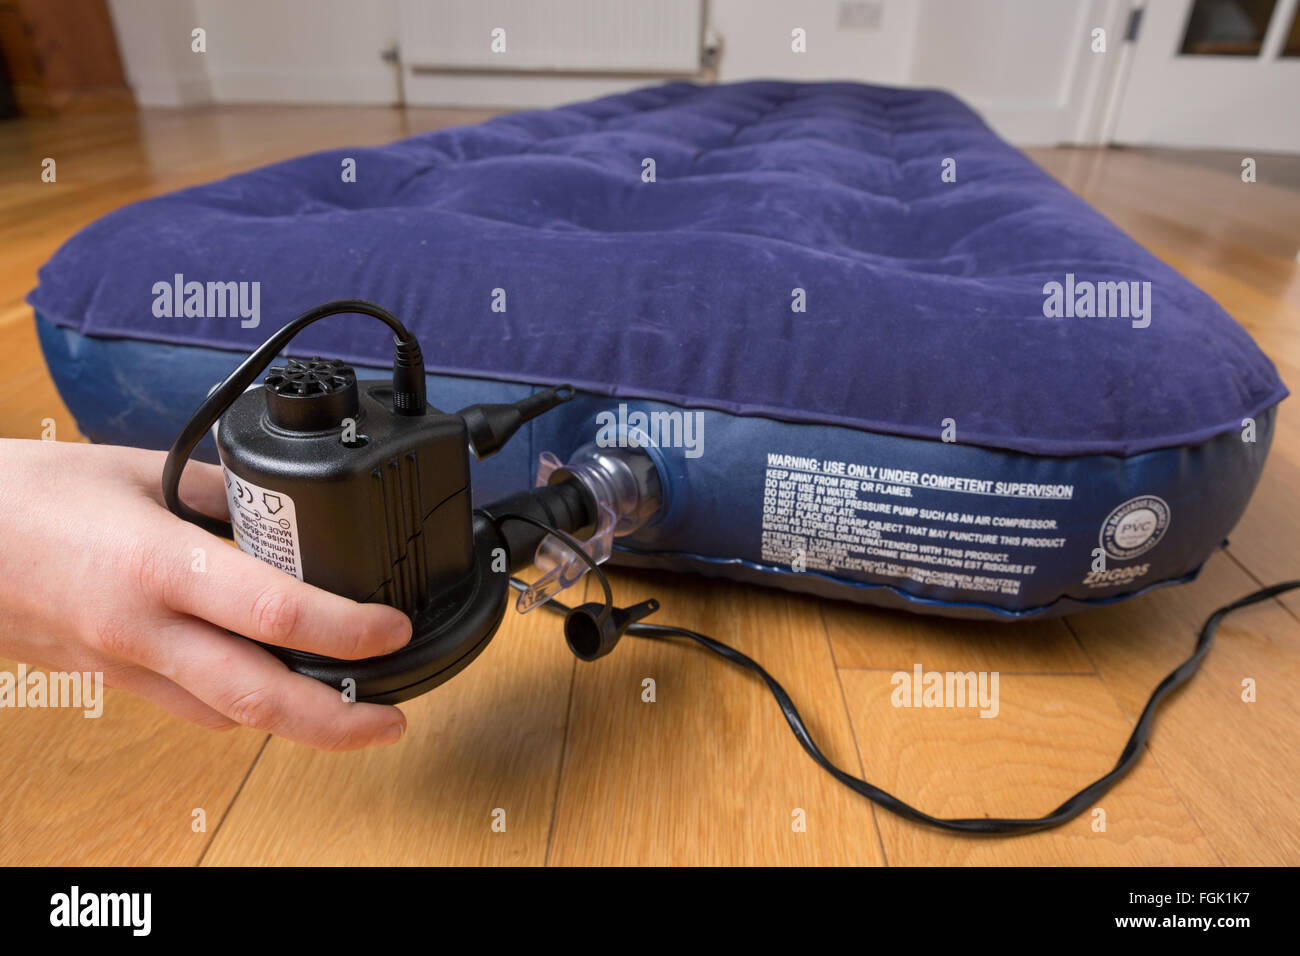 Un lit d'air d'être gonflés avec une pompe électrique Photo Stock